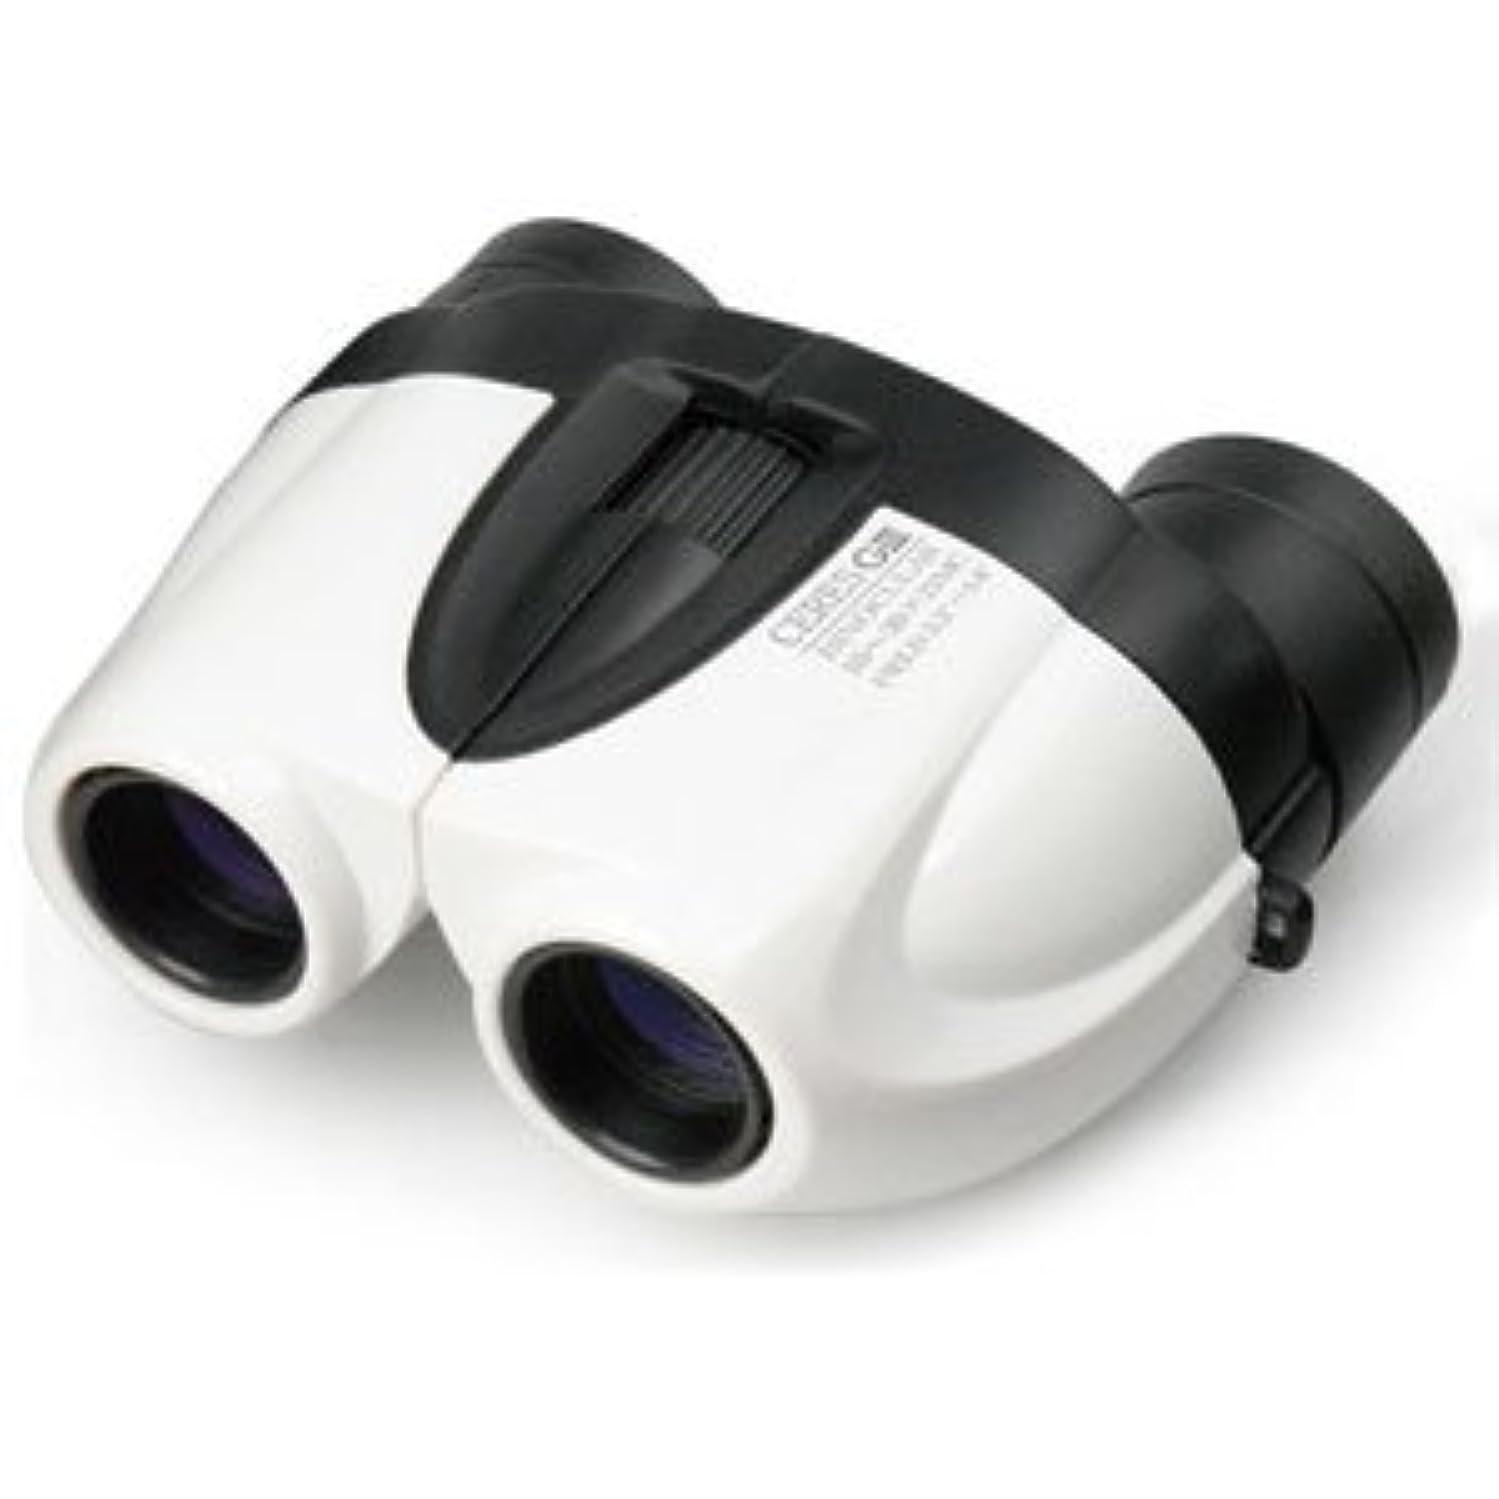 アッパーすぐに曲ケンコー 双眼鏡「セレス-GIII 10-30×21 ホワイト」(倍率10?30倍) セレスG3/10-30X21